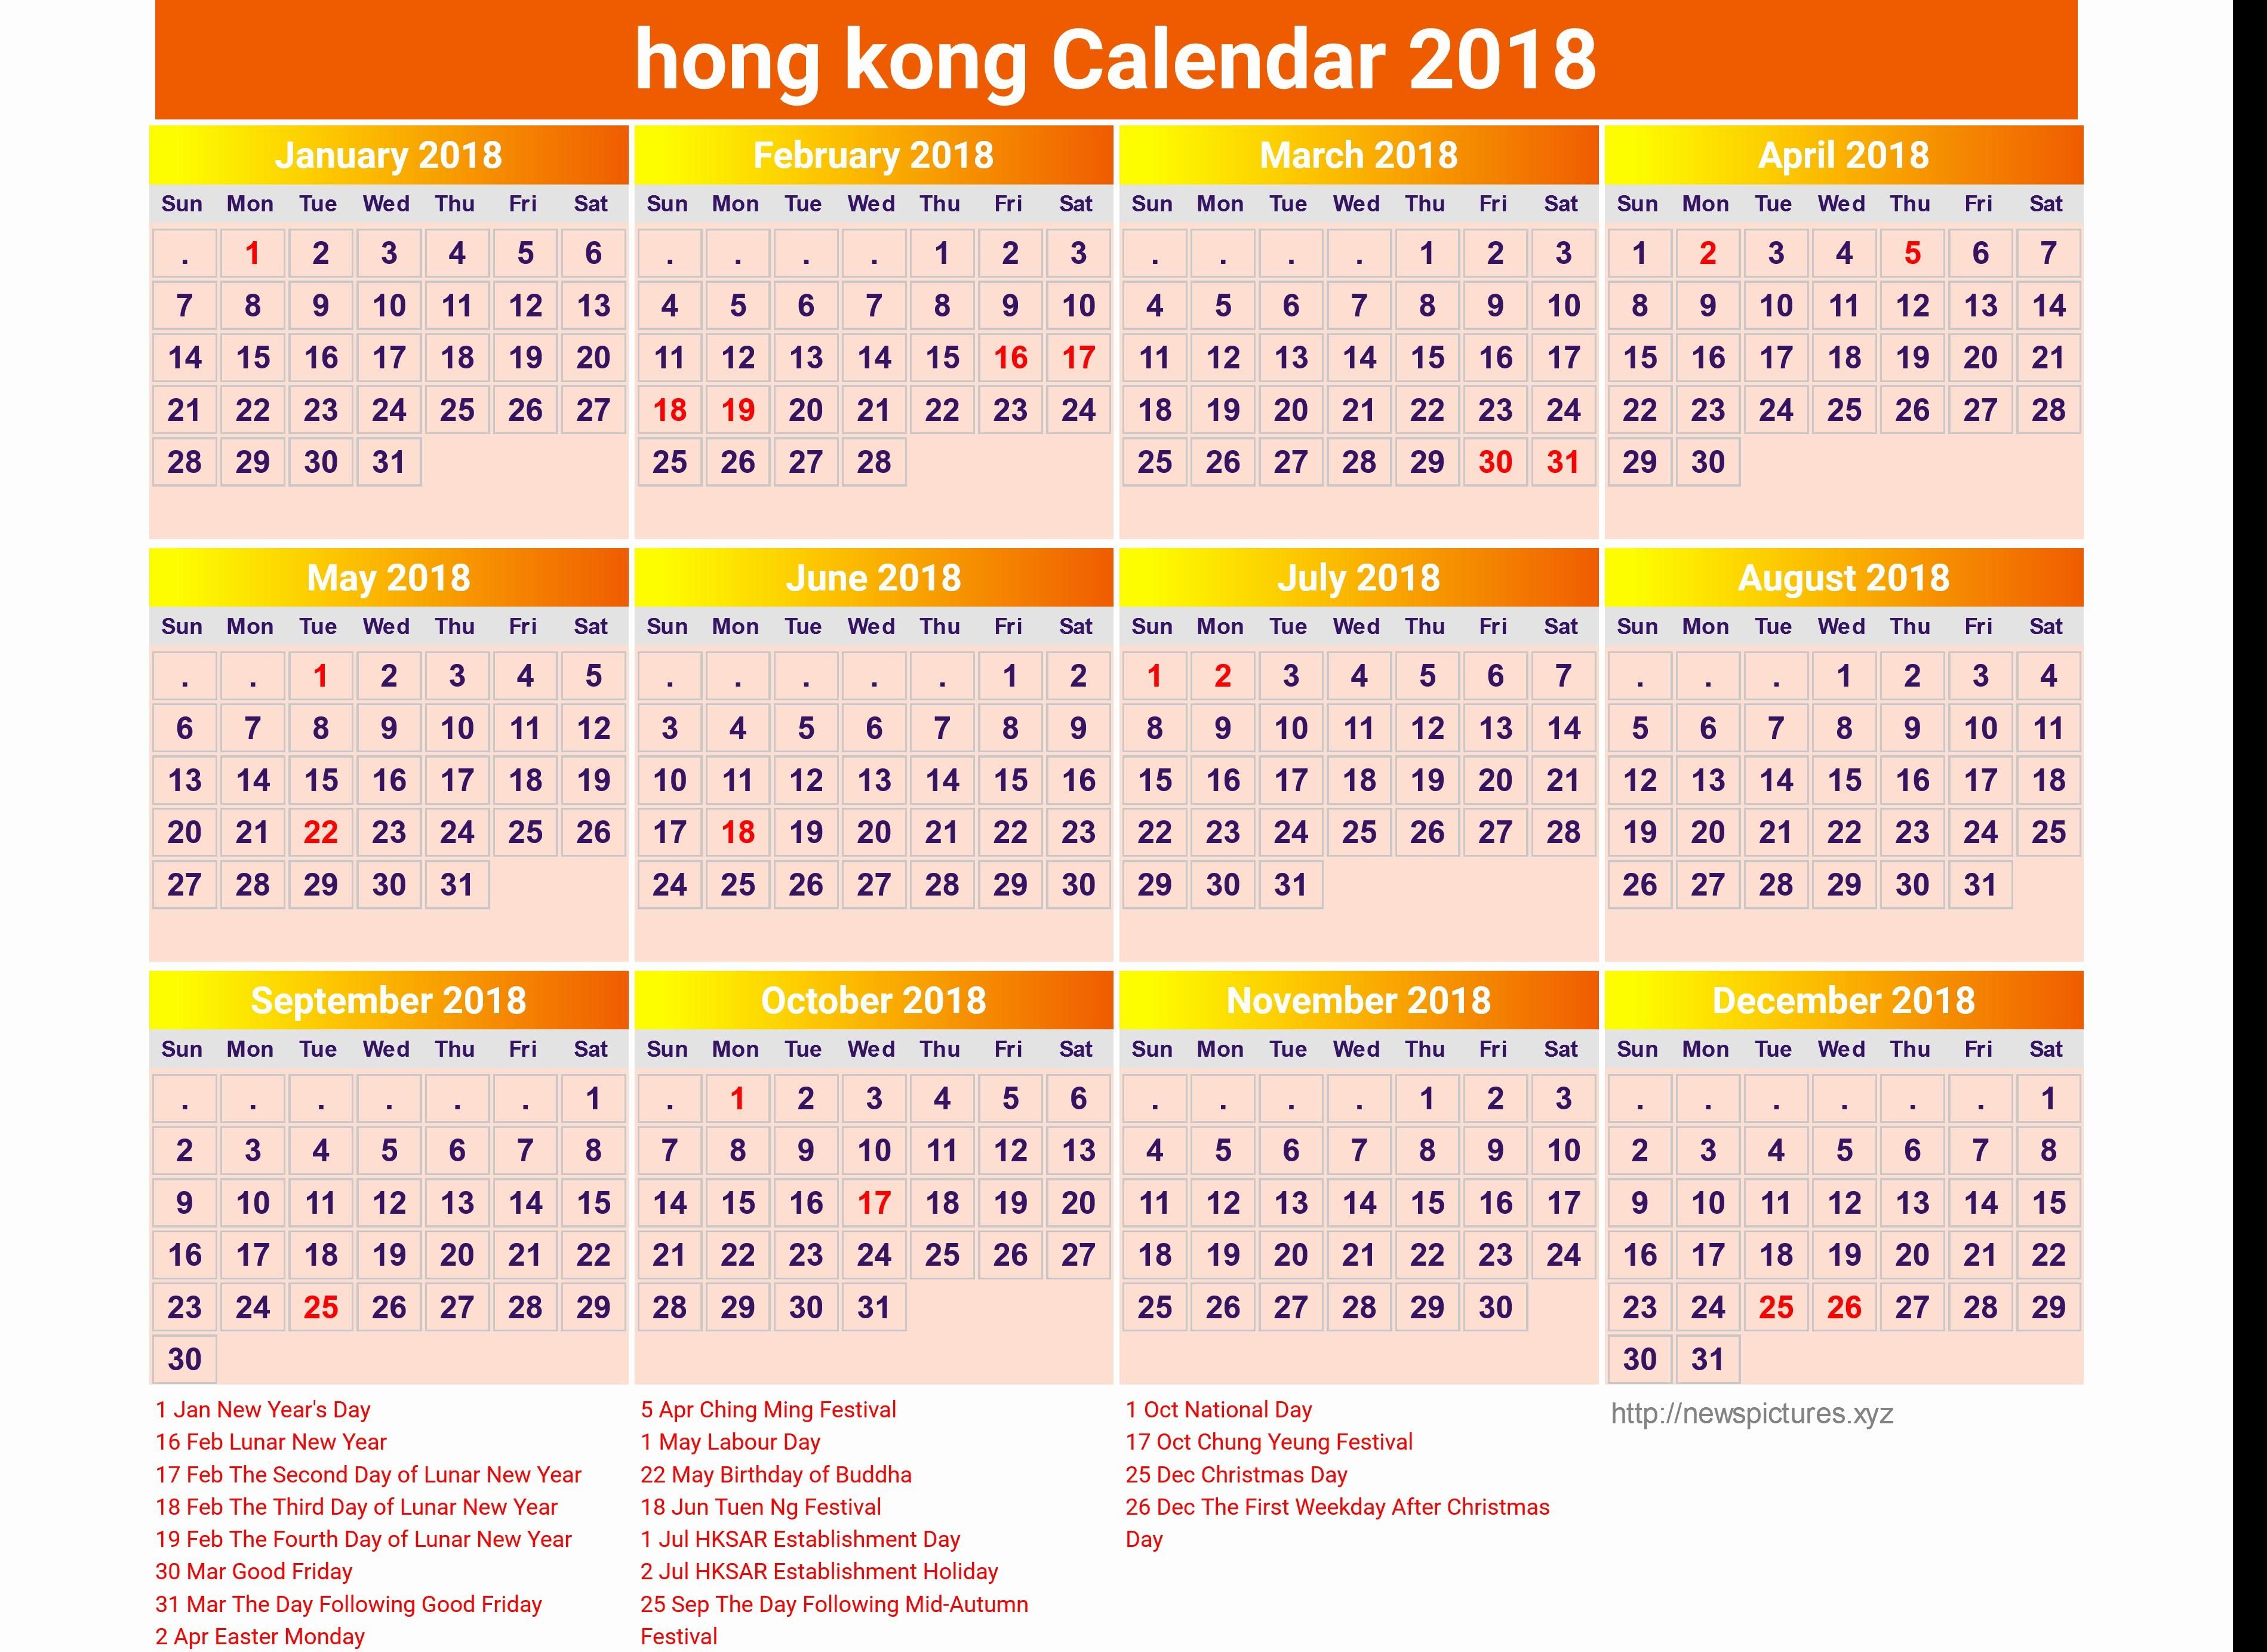 March 2019 Calendar Lala Ramswaroop Más Populares 2019 Calendar Template Hong Kong Of March 2019 Calendar Lala Ramswaroop Más Caliente News Flash Connected with Lala Ramswaroop Calendar 2019 Download Pdf